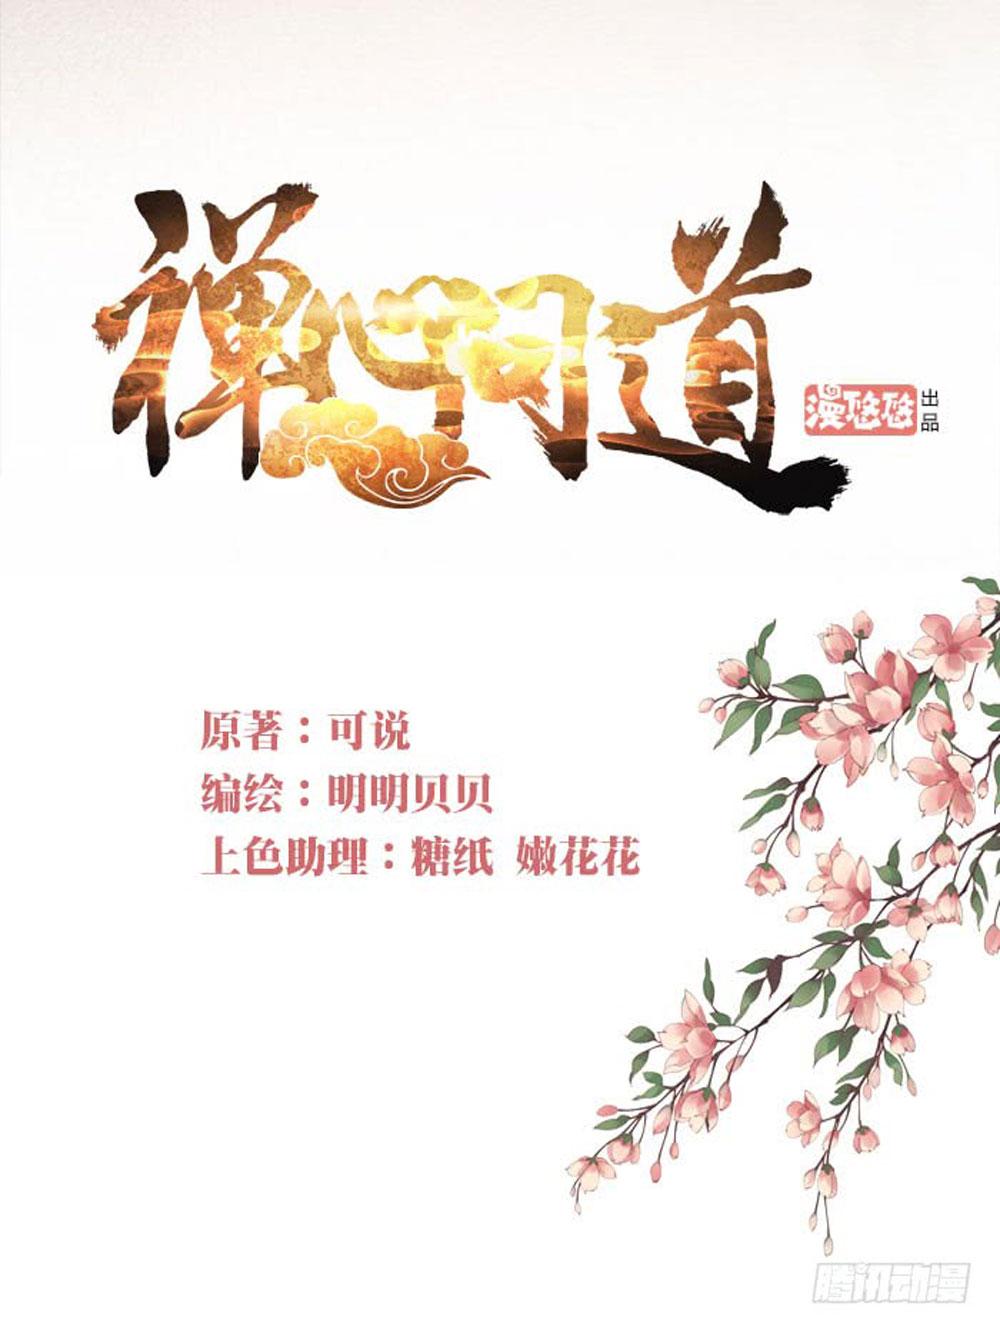 Thiền Tâm Vấn Đạo Chap 28 . Next Chap 29